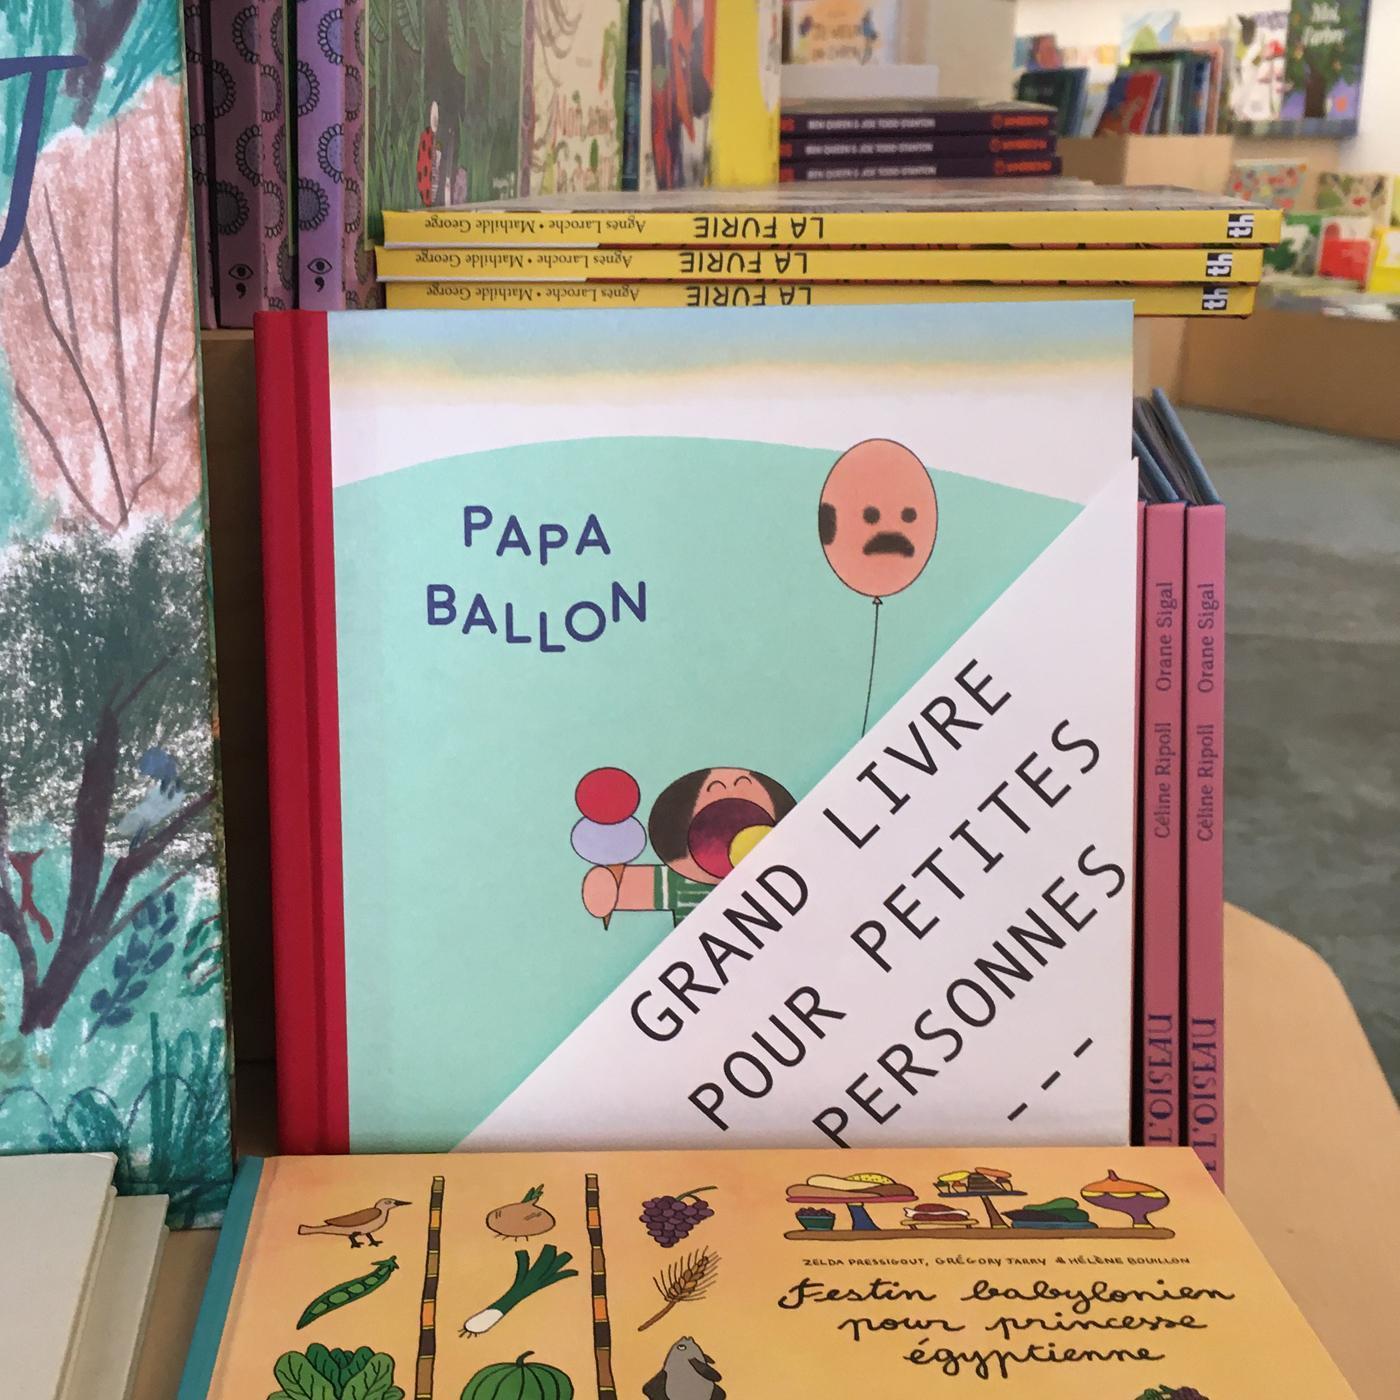 Grands livres pour petites personnes #35 - Papa ballon